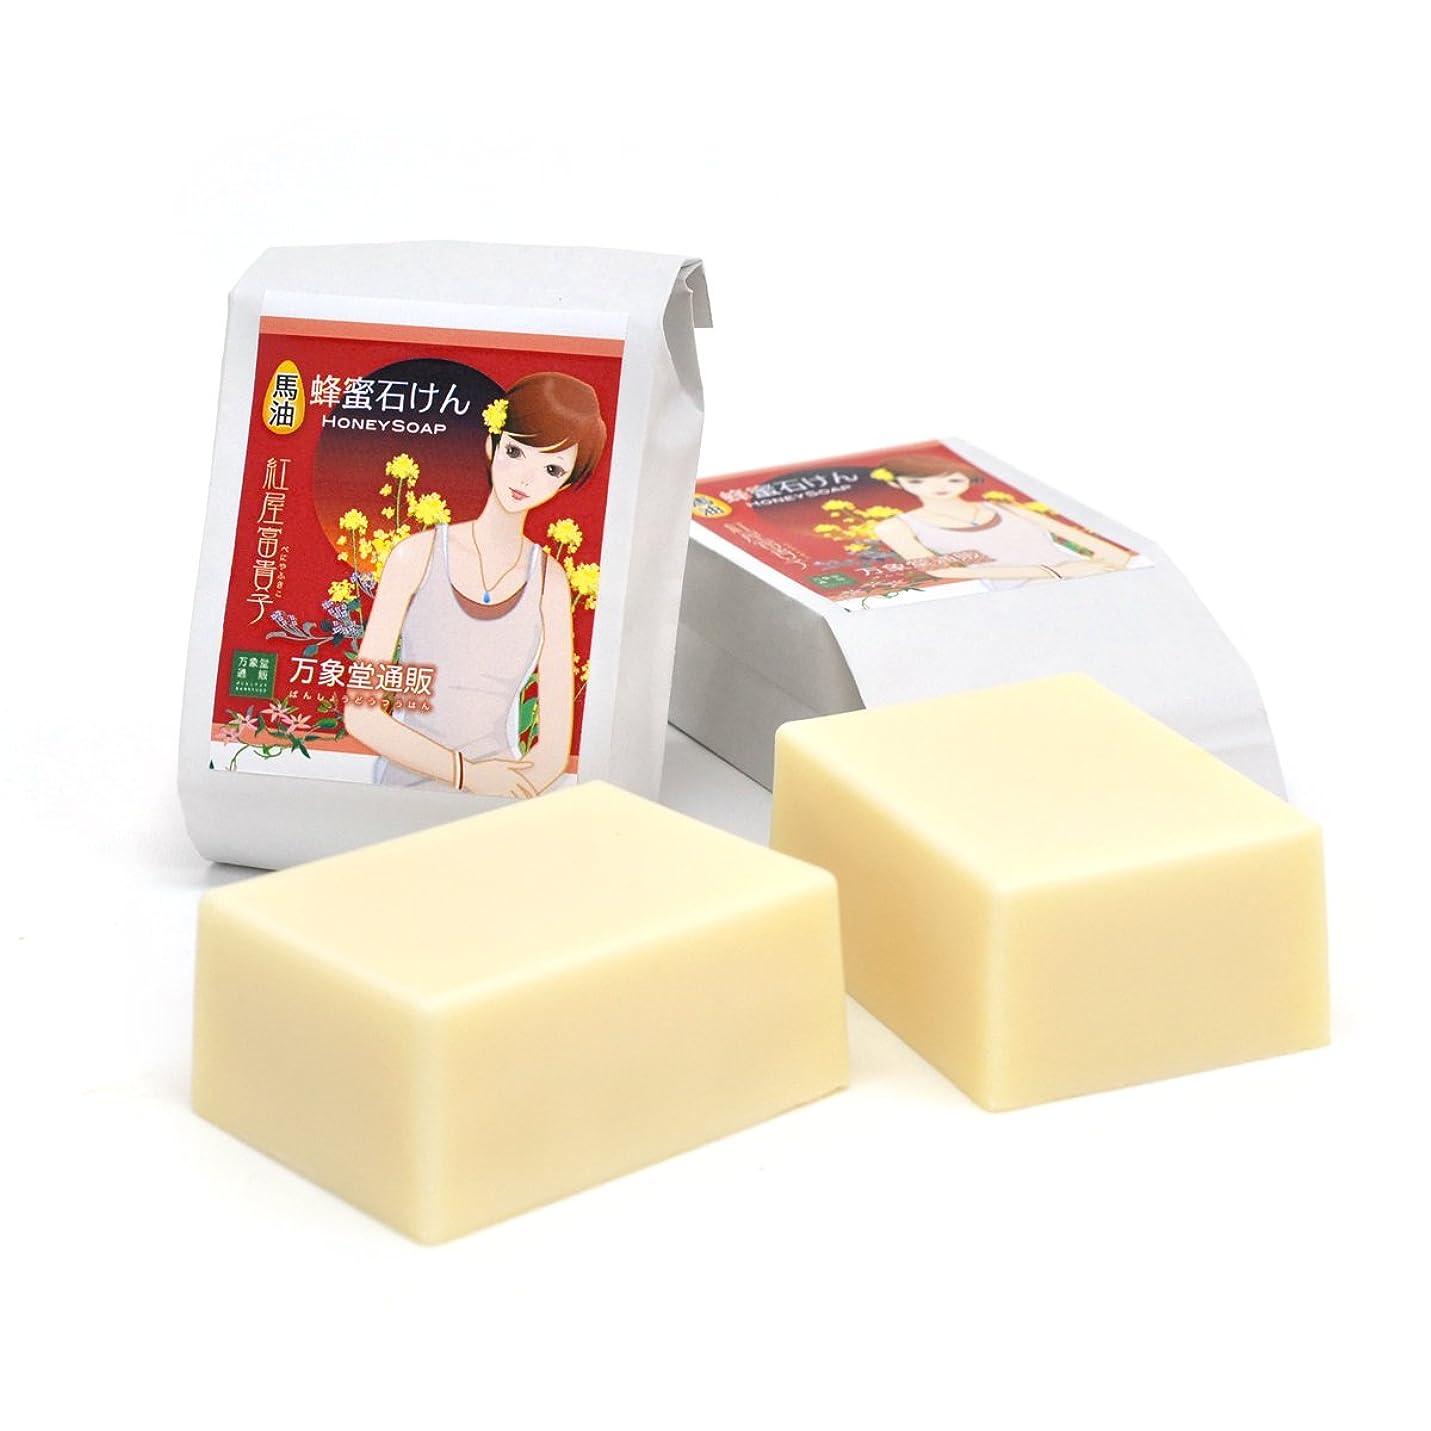 去る安らぎ暖かさ森羅万象堂 馬油石鹸 90g×2個 (国産)熊本県産 国産蜂蜜配合